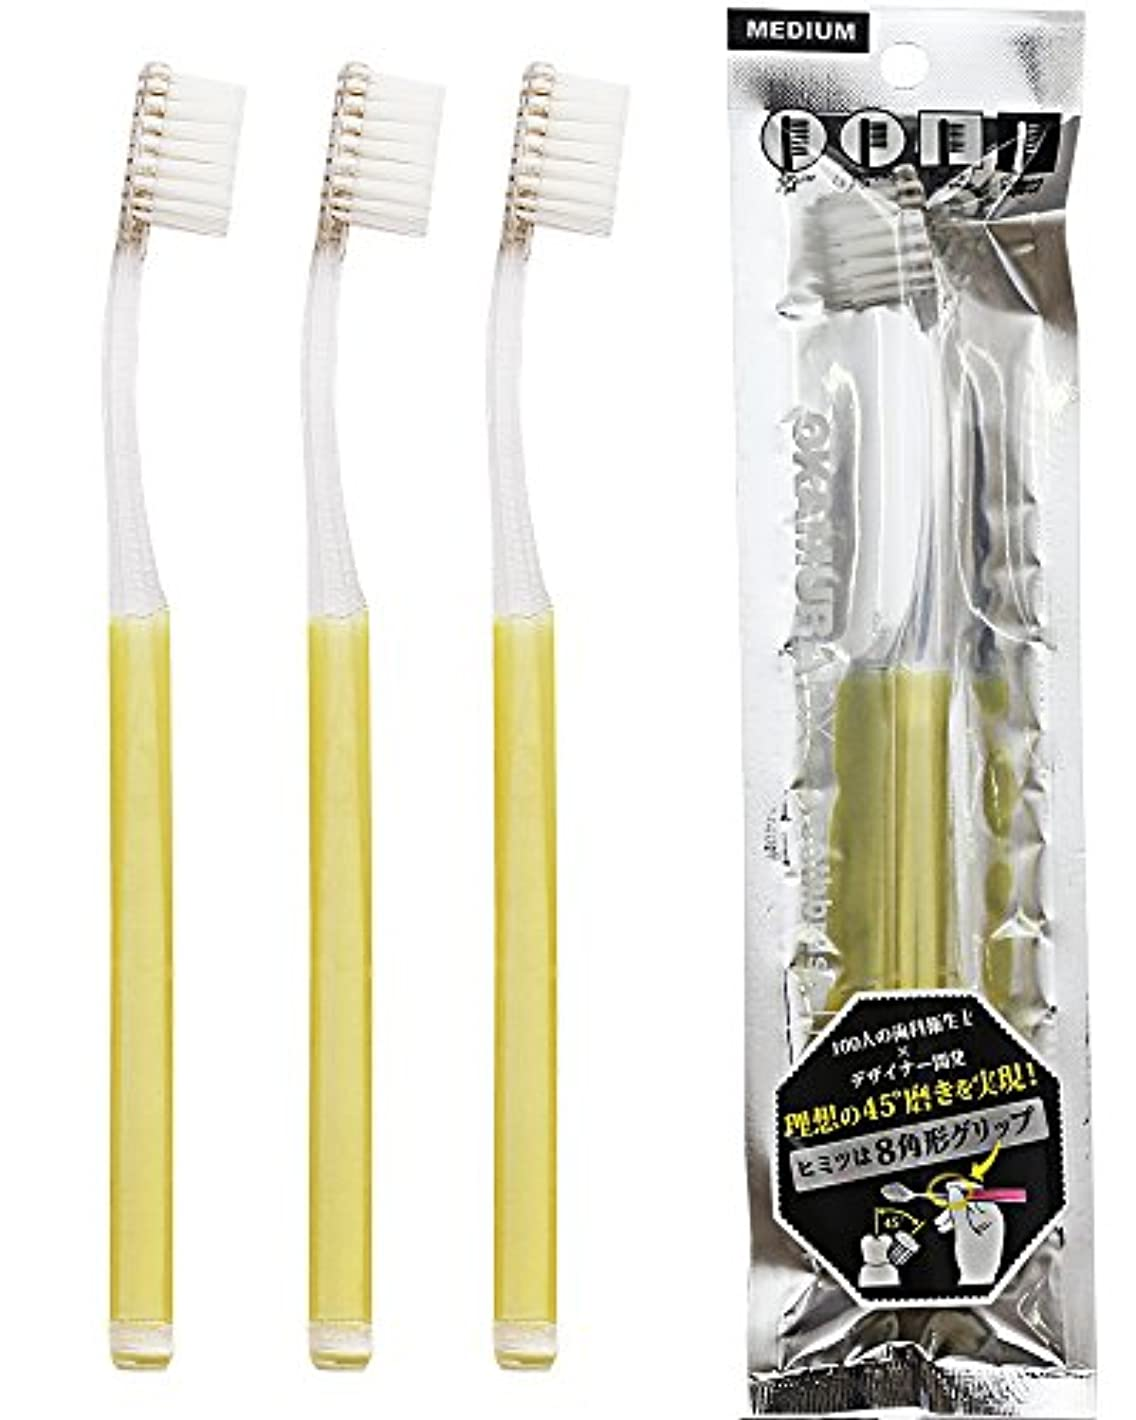 オカムラ(OKAMURA) スモールヘッド 先細 歯ブラシ 3本セット イエロー